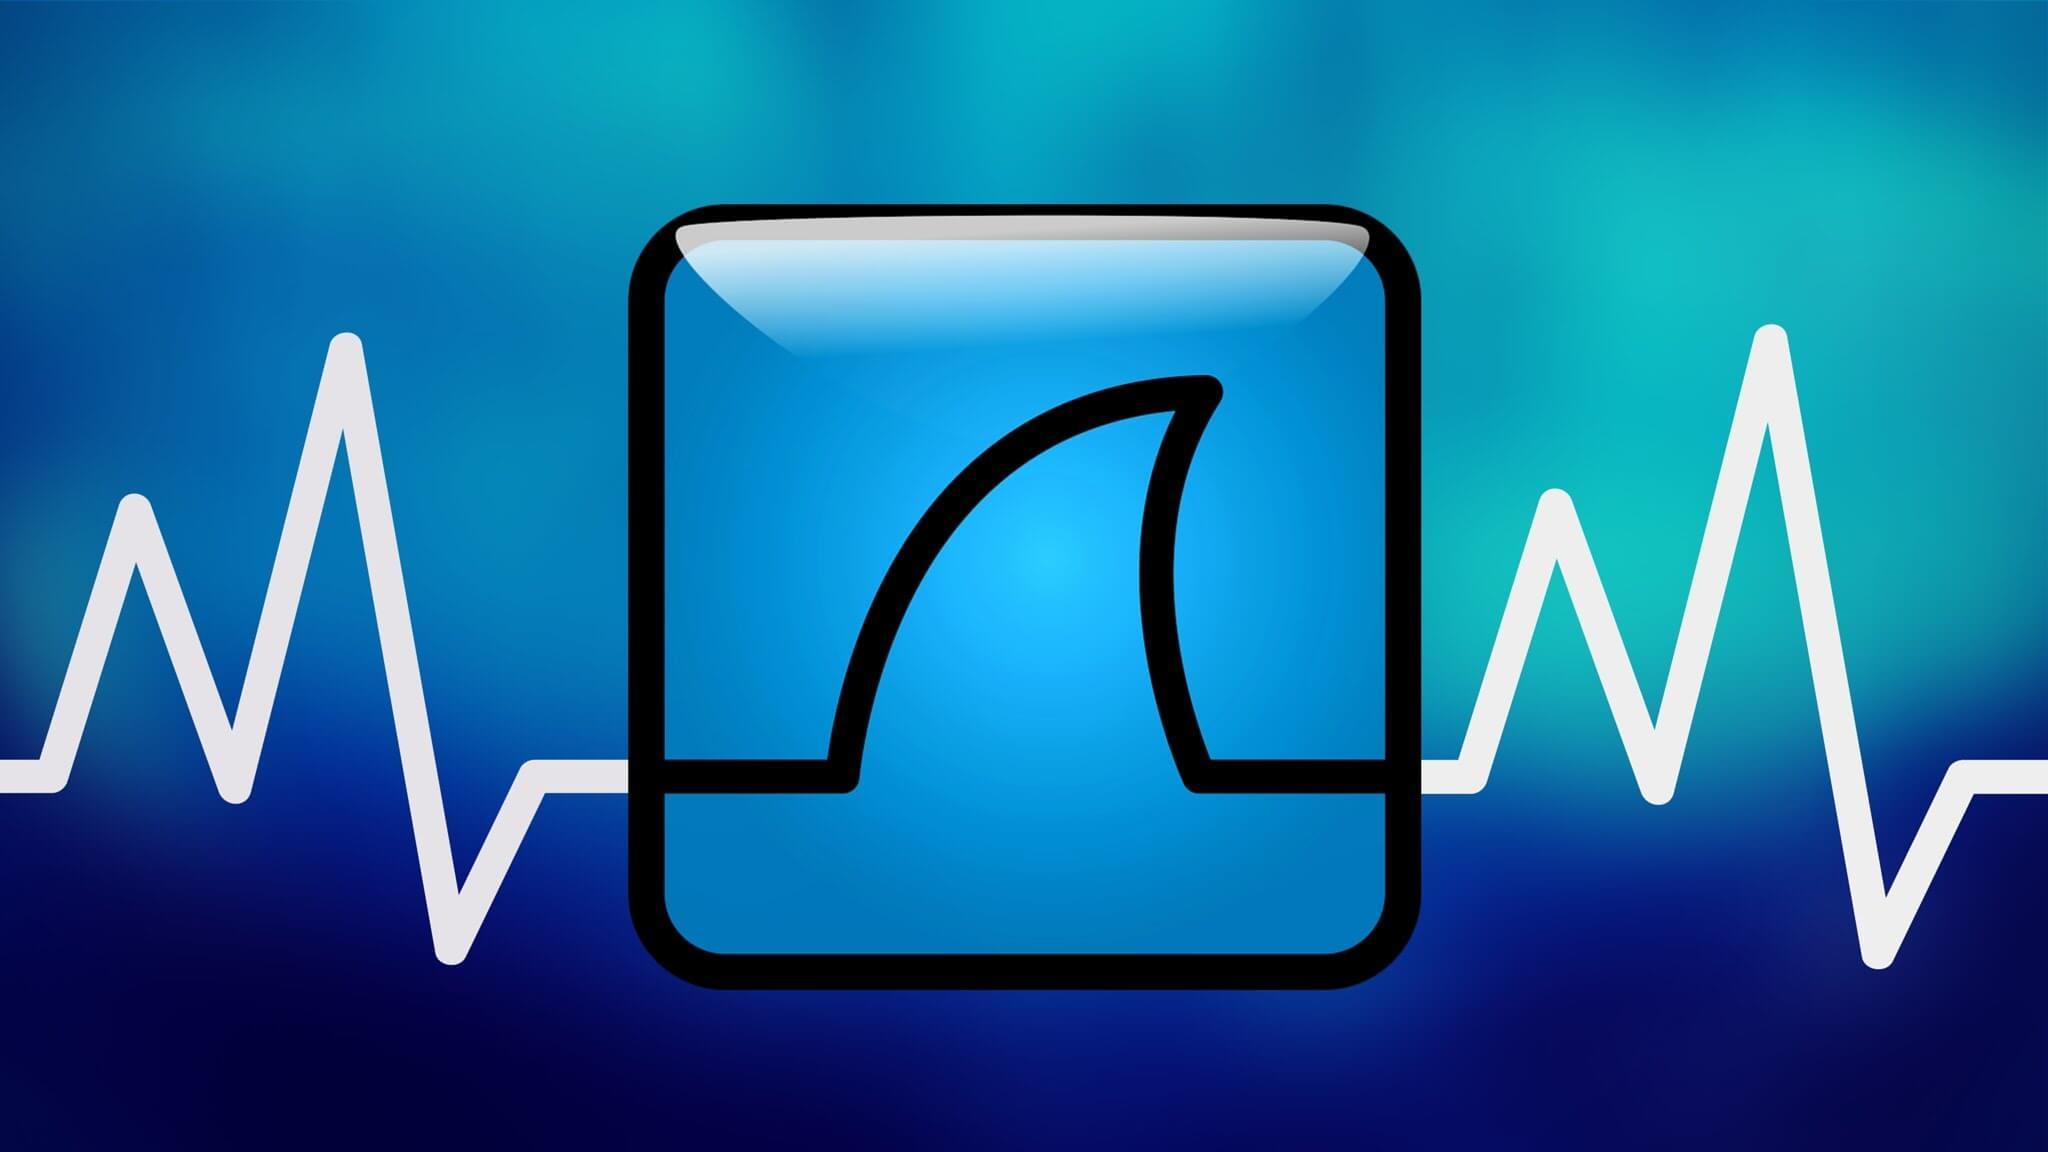 wireshark nasıl kullanılır Wireshark Wireshark Nedir? Kullanım Detayları wireshark kullanimi